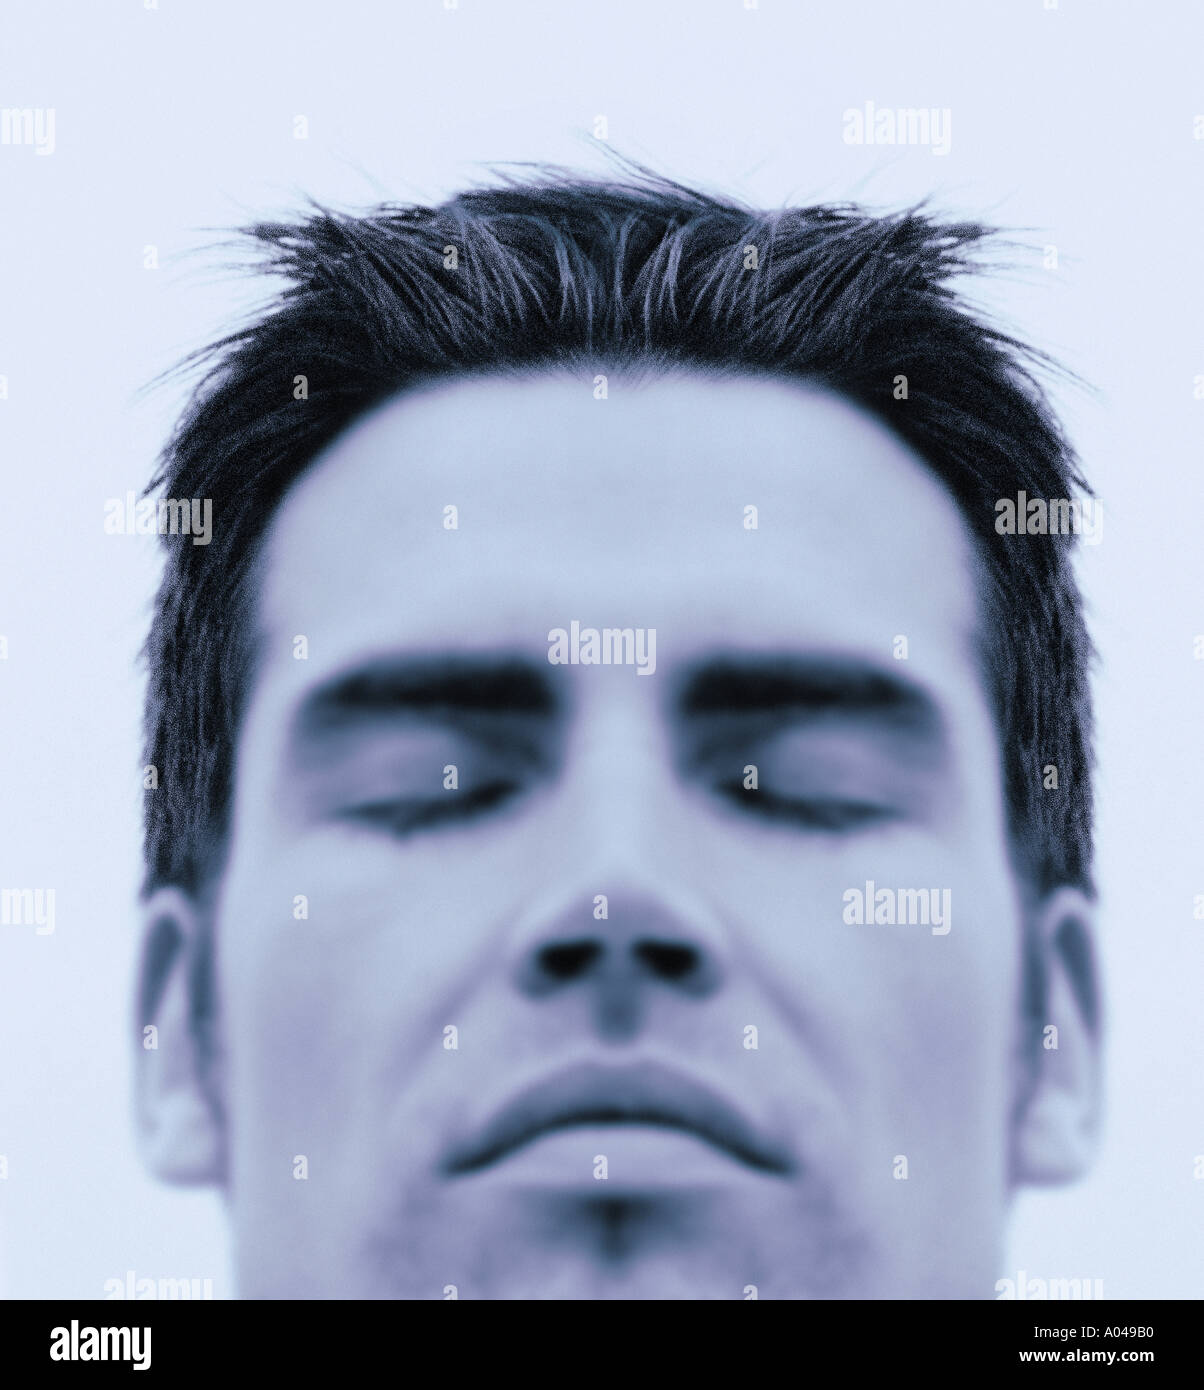 Porträt des jungen Mannes geschlossenen Augen blau getönten hautnah Stockfoto